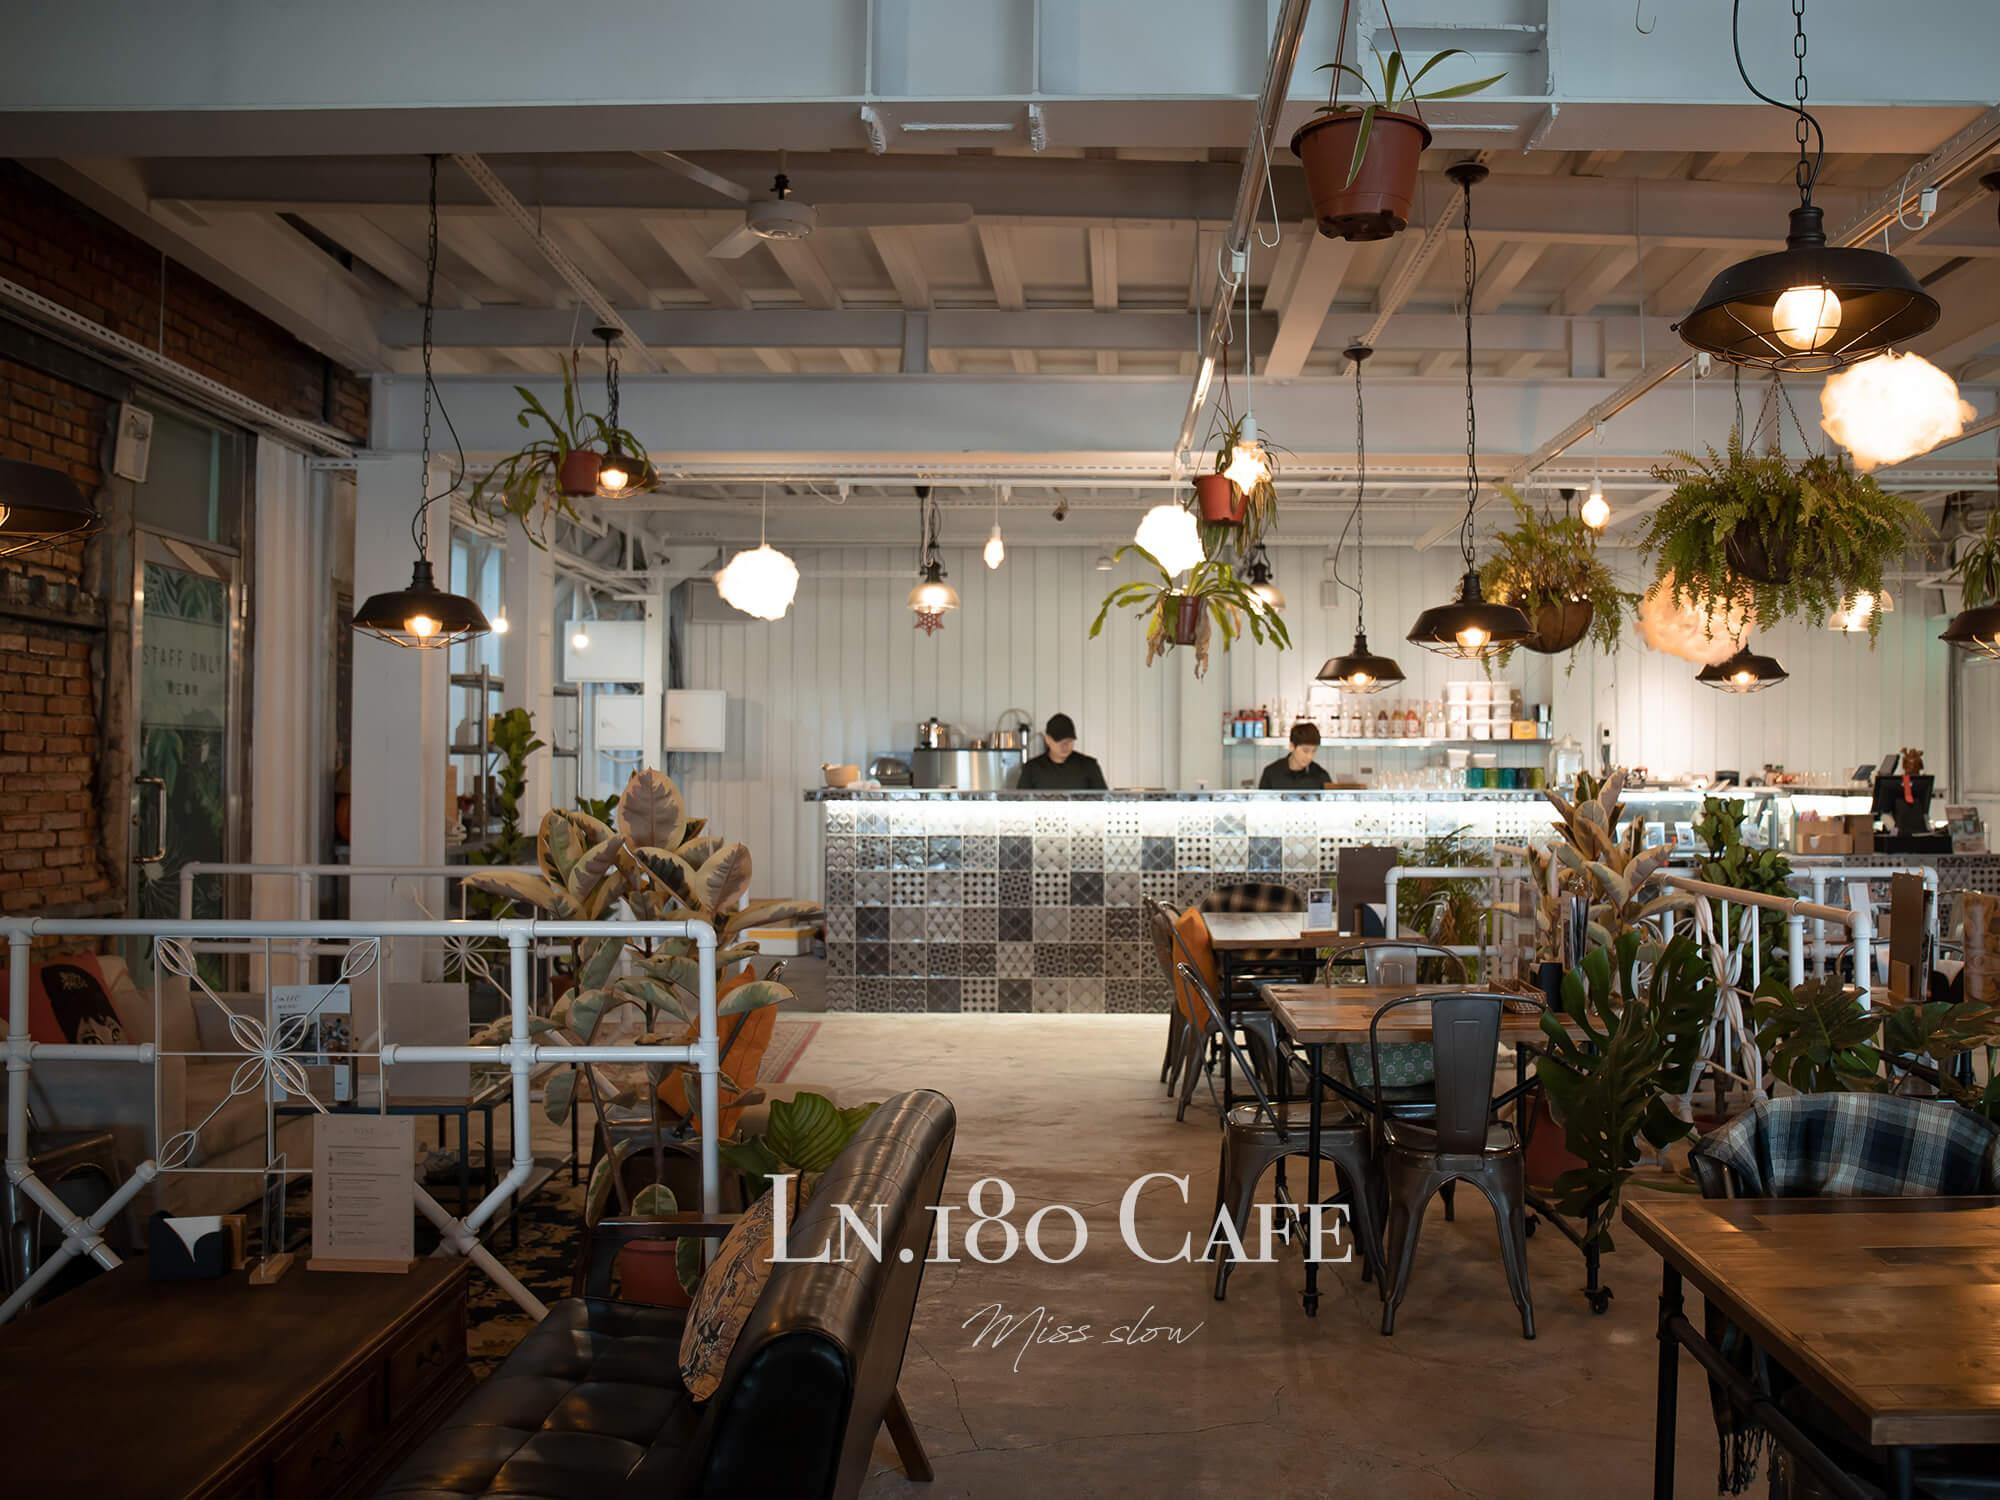 台北咖啡廳|大佳河濱公園旁。去濱江街看飛機起降的景觀咖啡廳Ln.180 Cafe咖啡(寵物可入內、含餐點Menu)